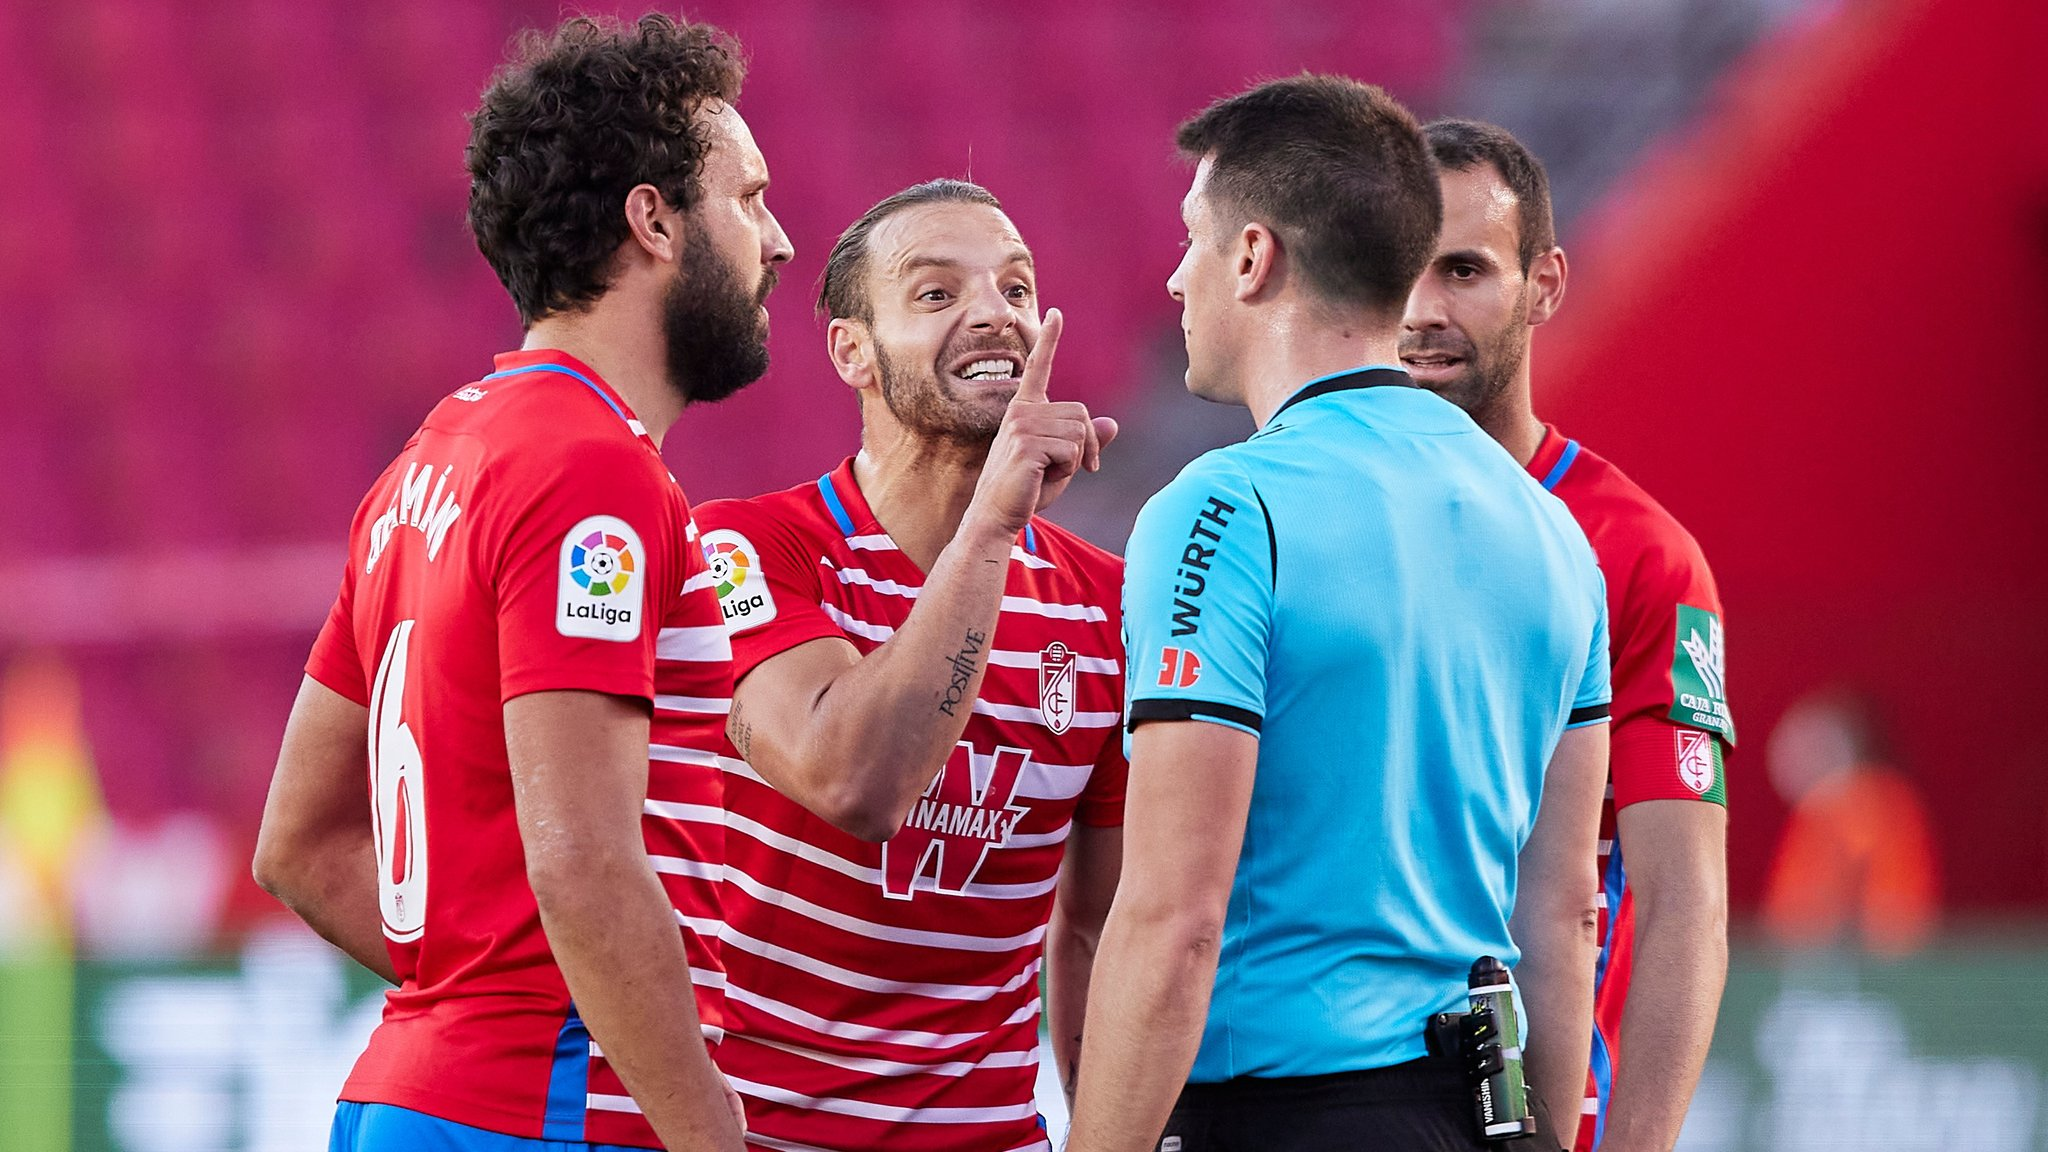 索尔达多被罚往后面踢死VAR监视器,恐禁赛4场,职业联赛提前结束